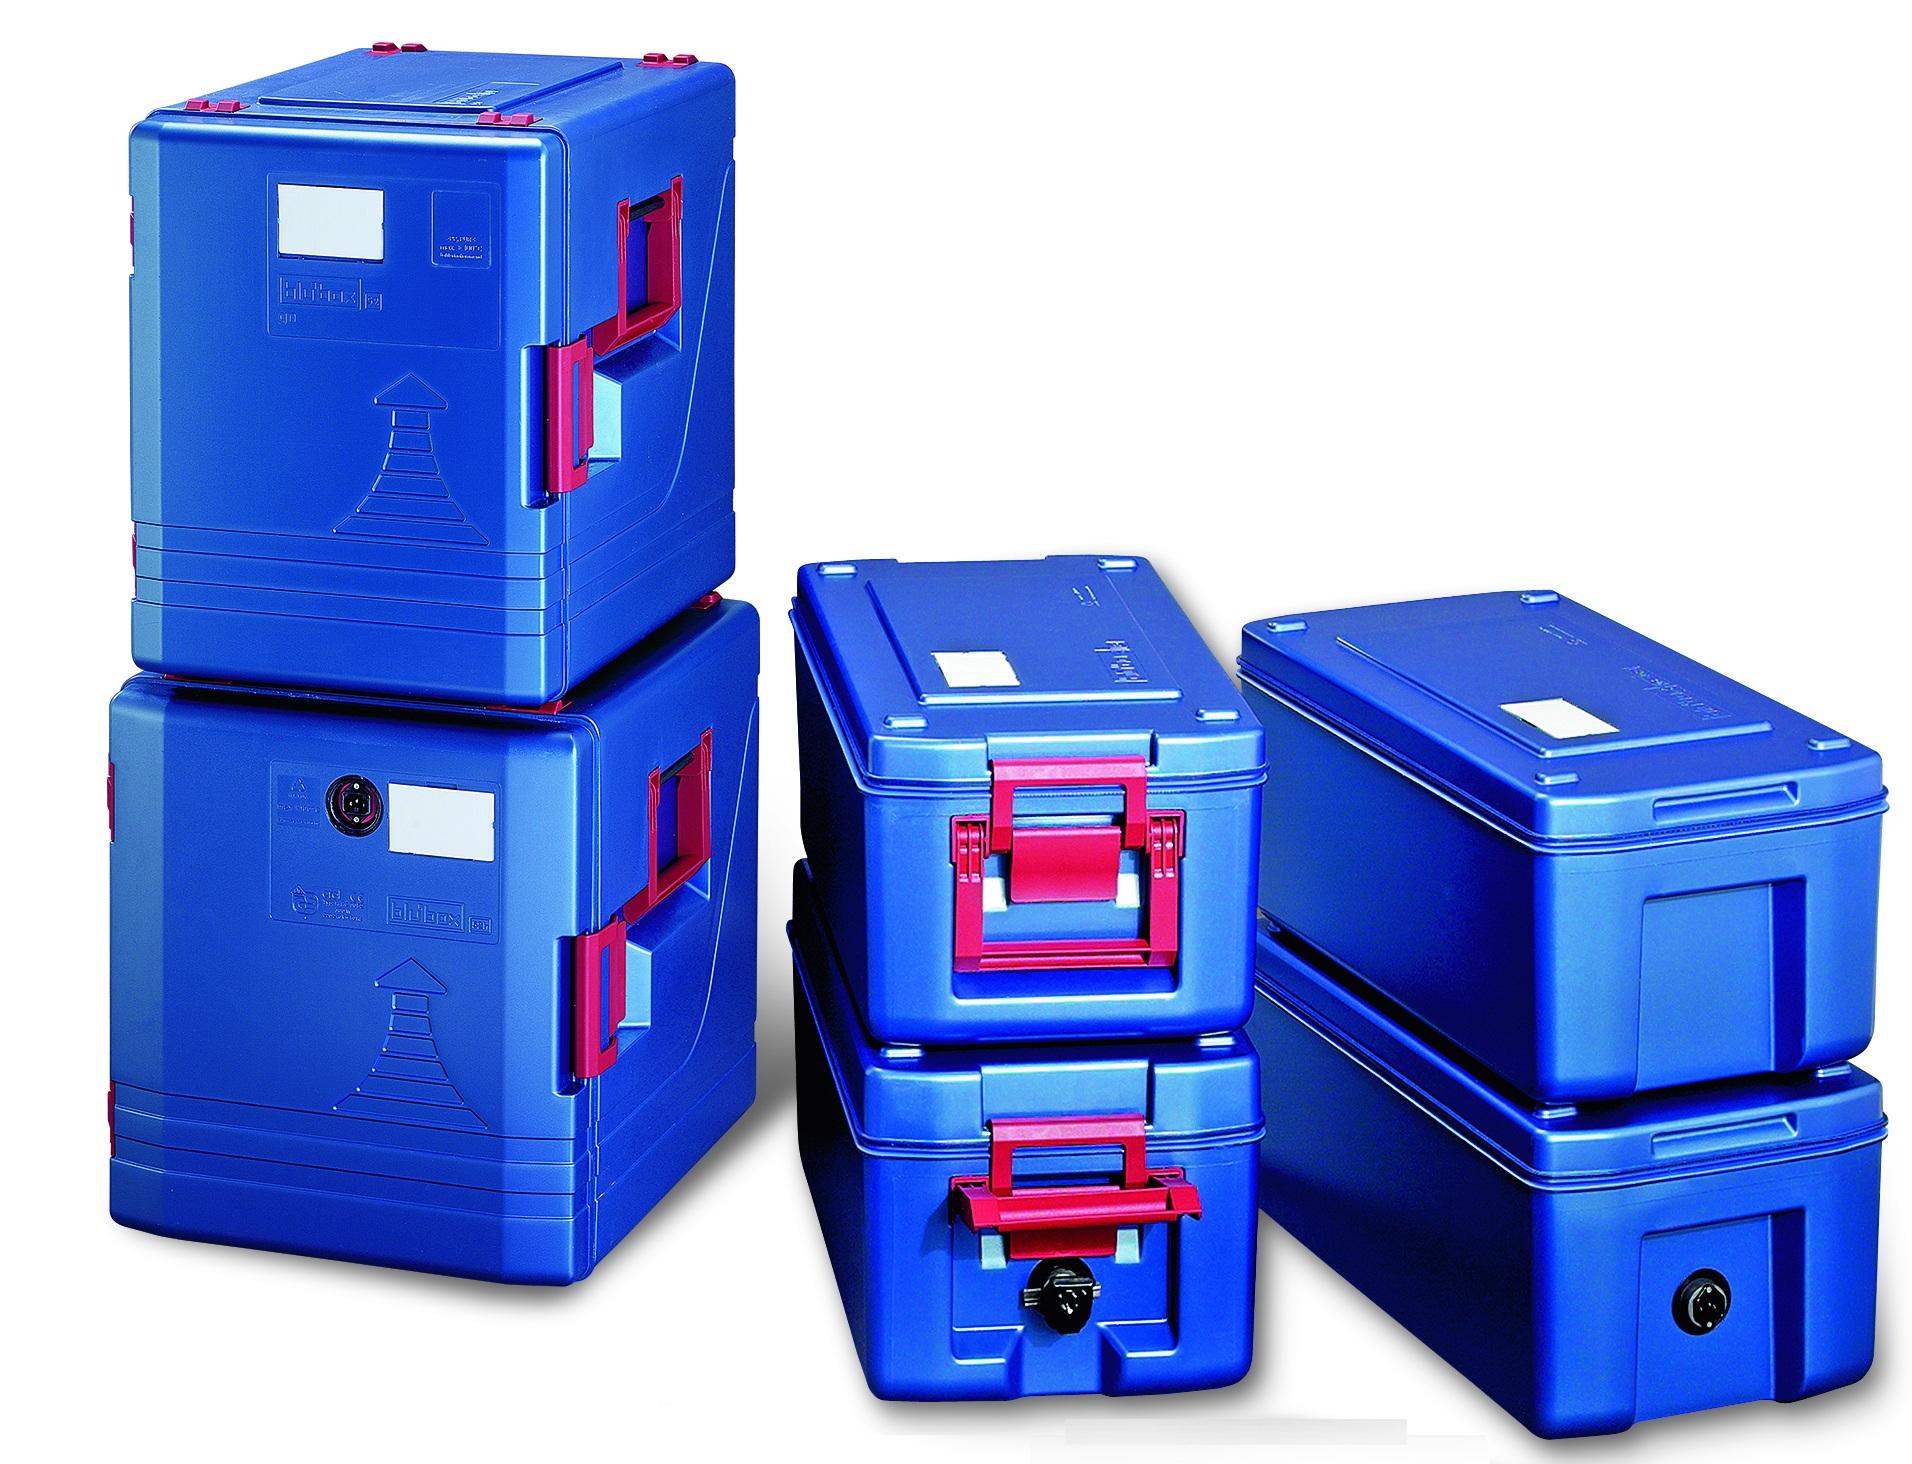 Blu'Boxen